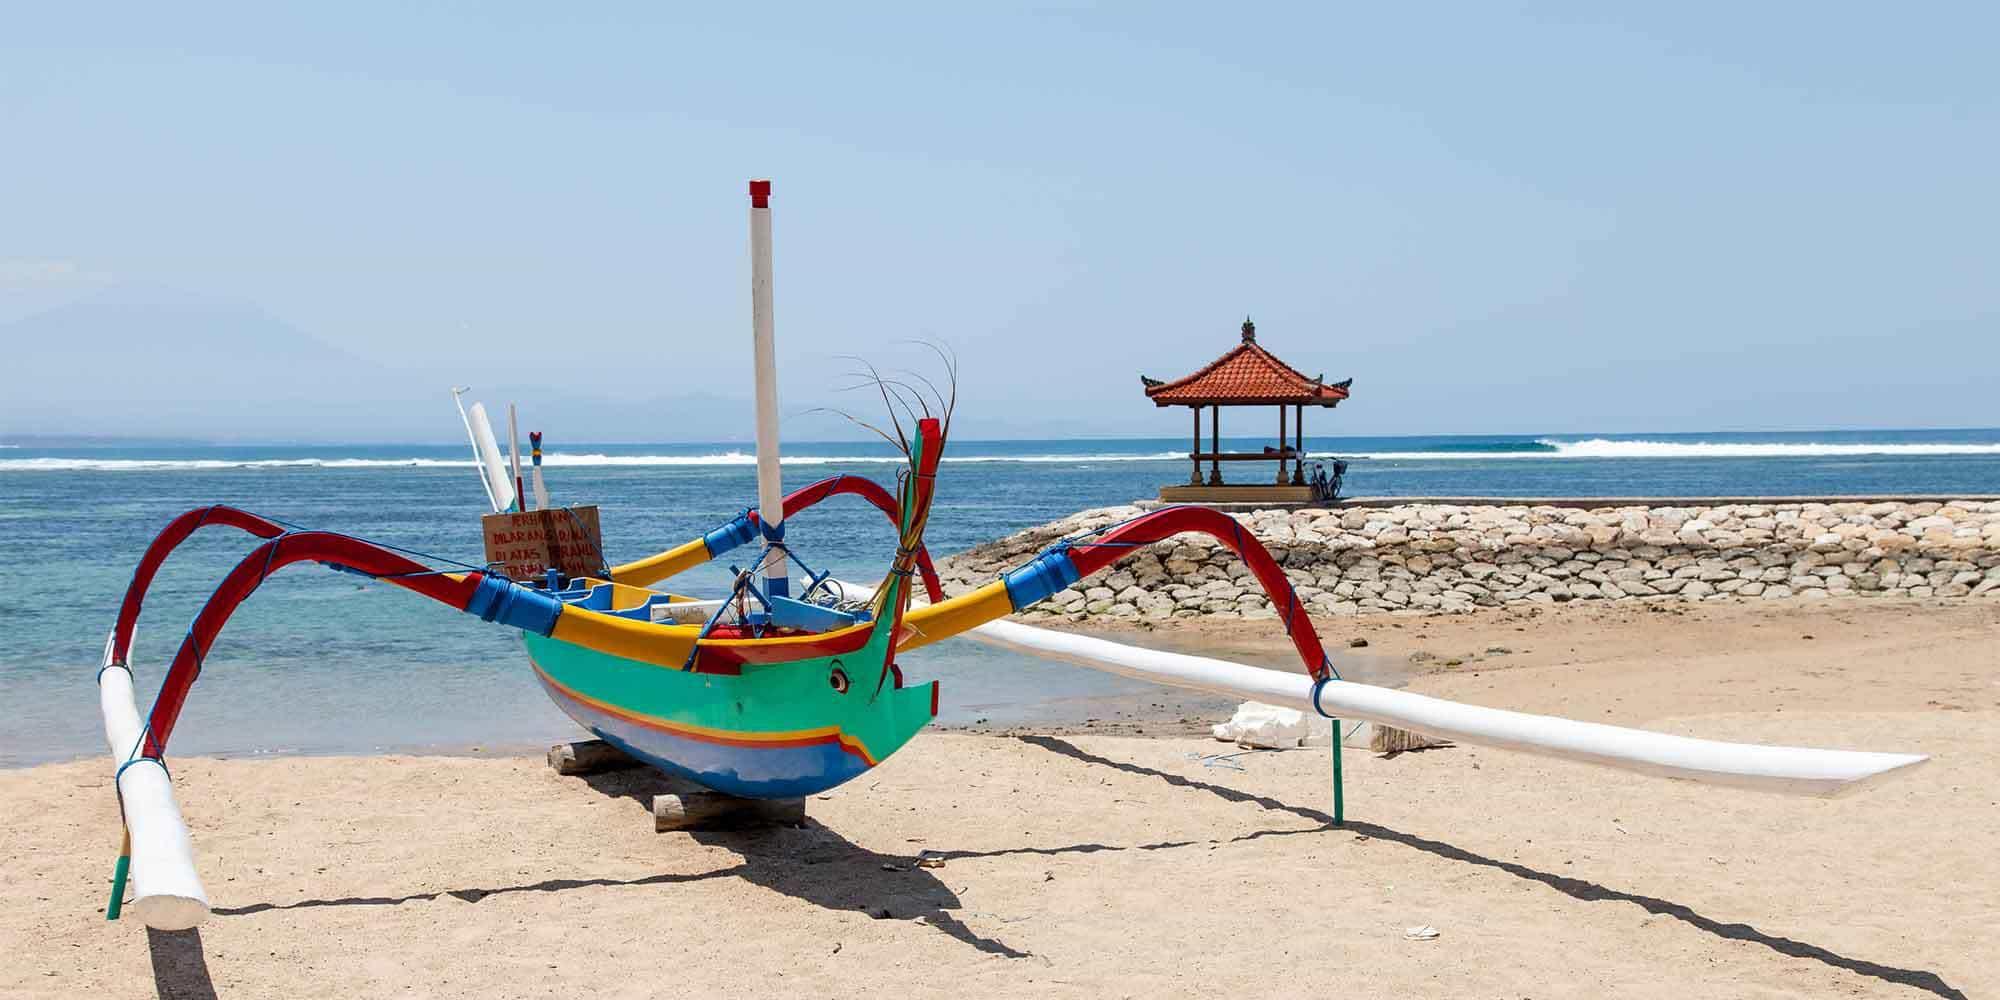 Sanur bateau artisanal plage bali